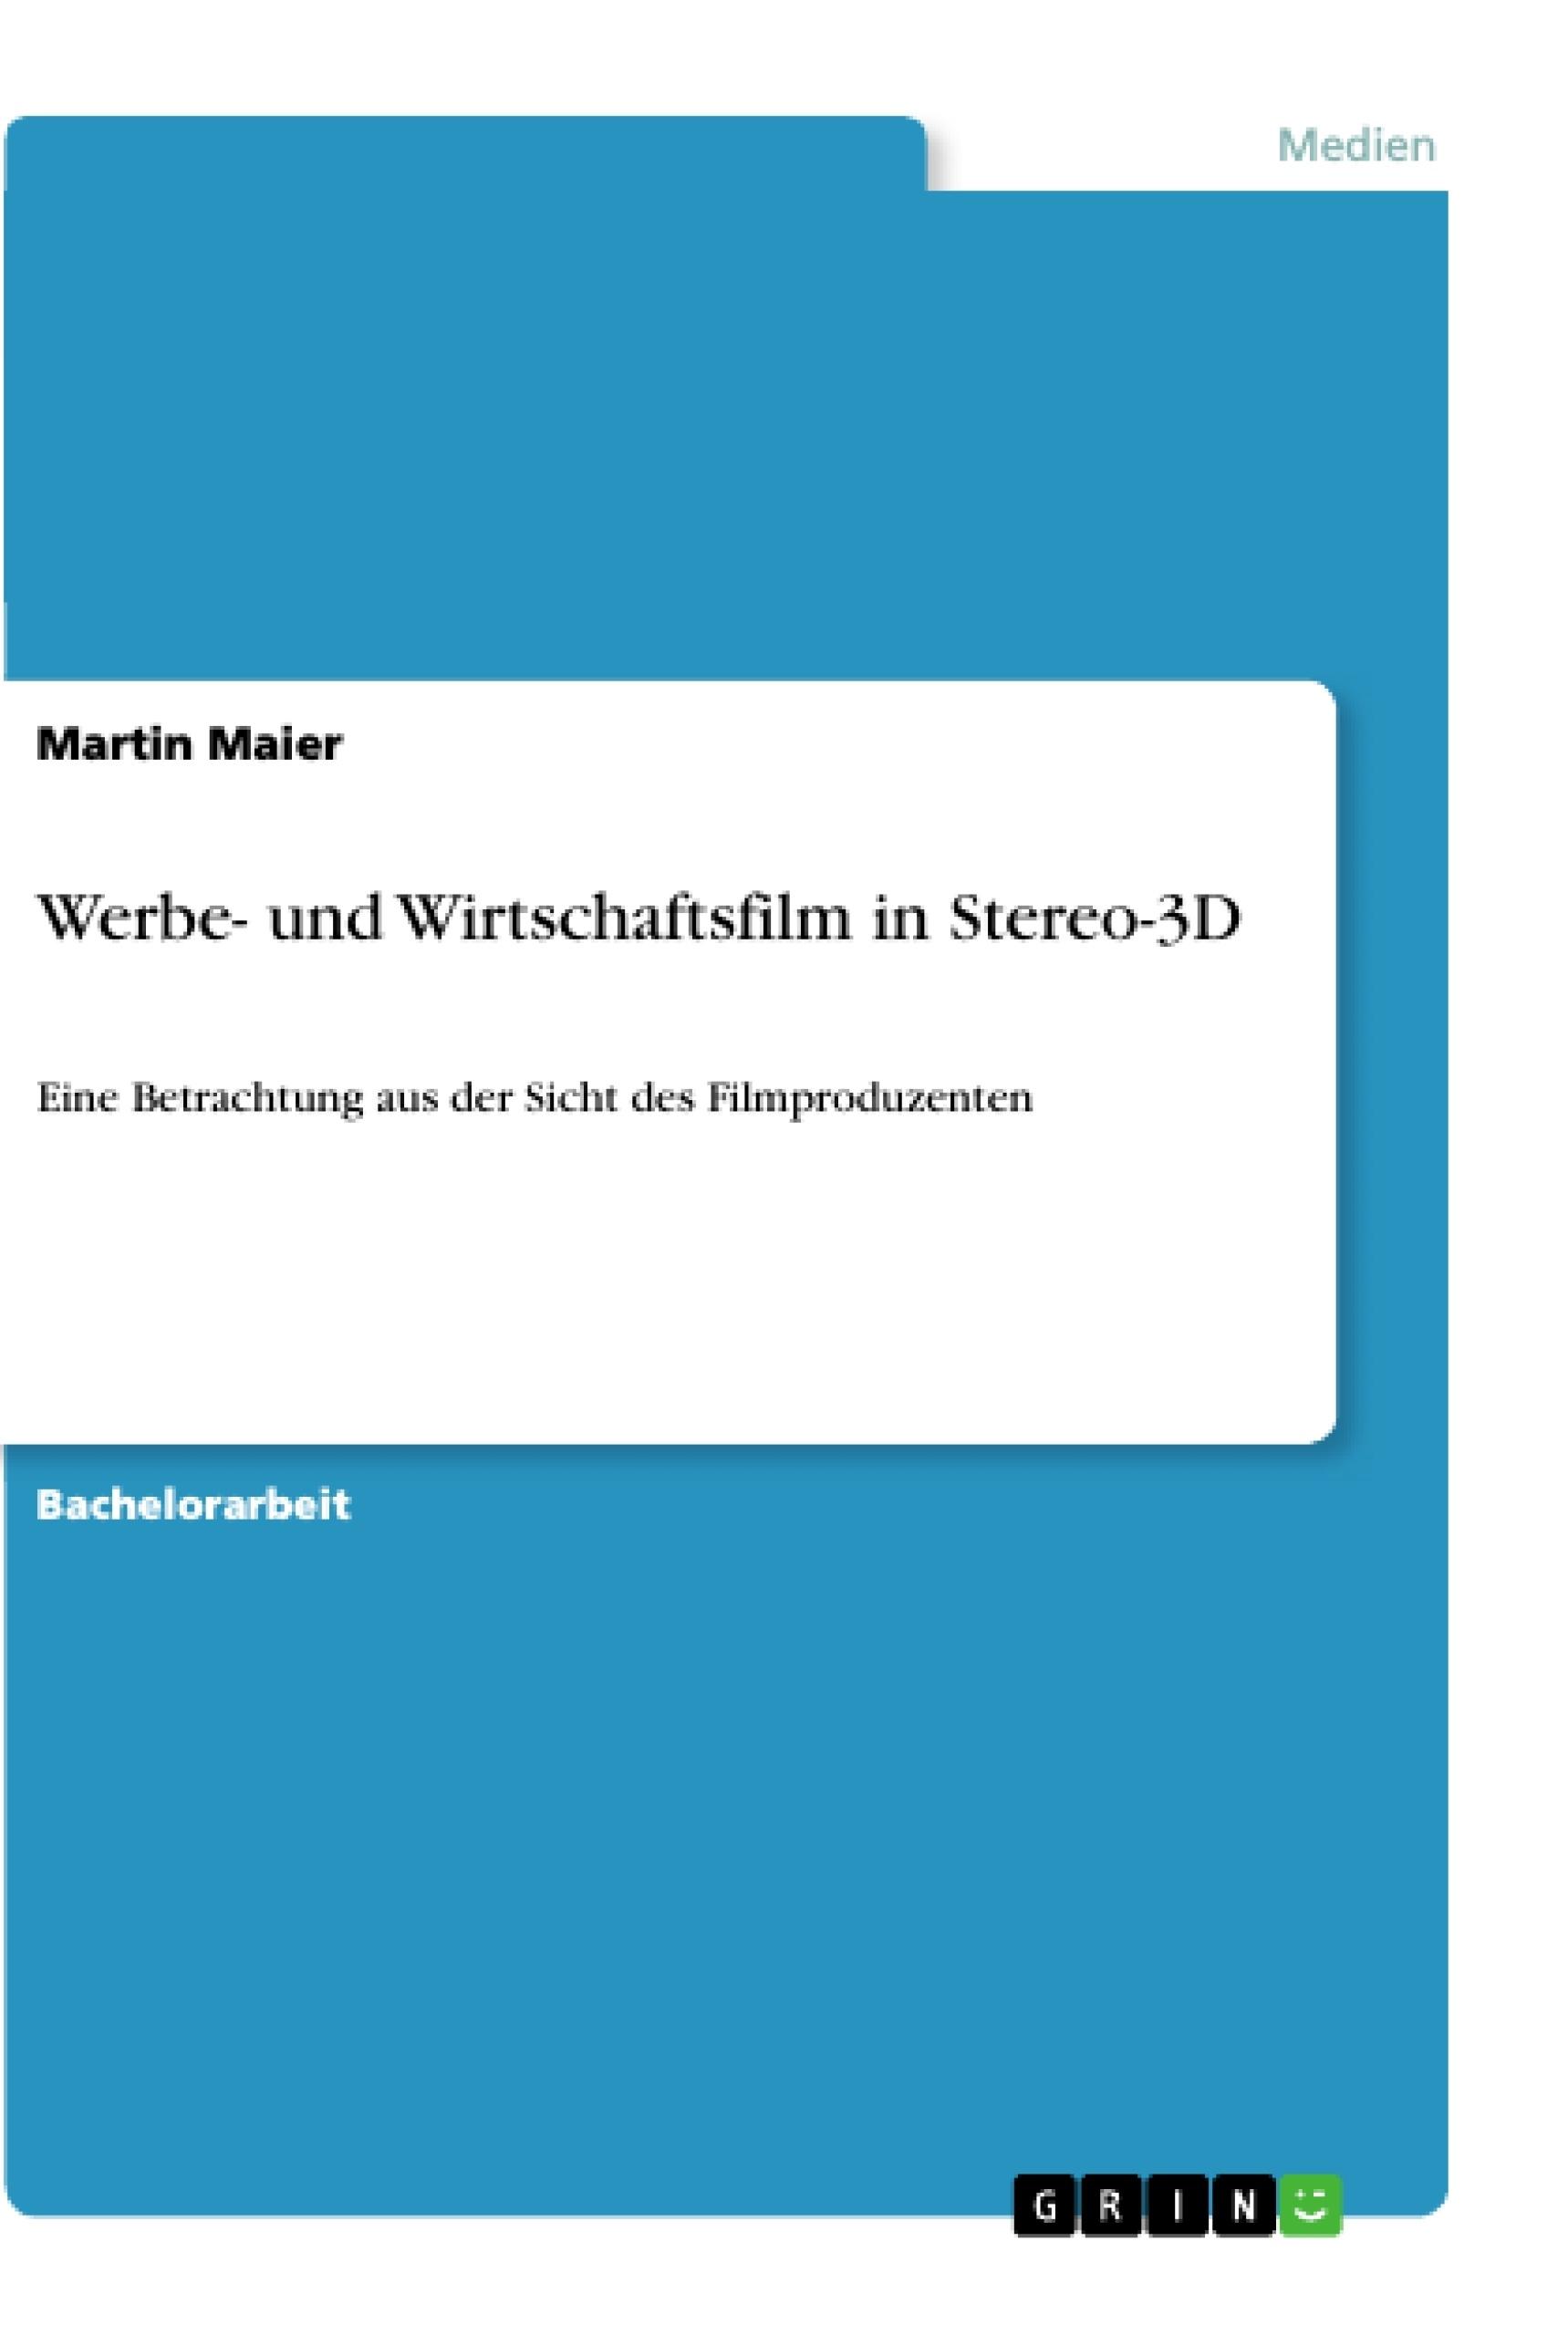 Titel: Werbe- und Wirtschaftsfilm in Stereo-3D